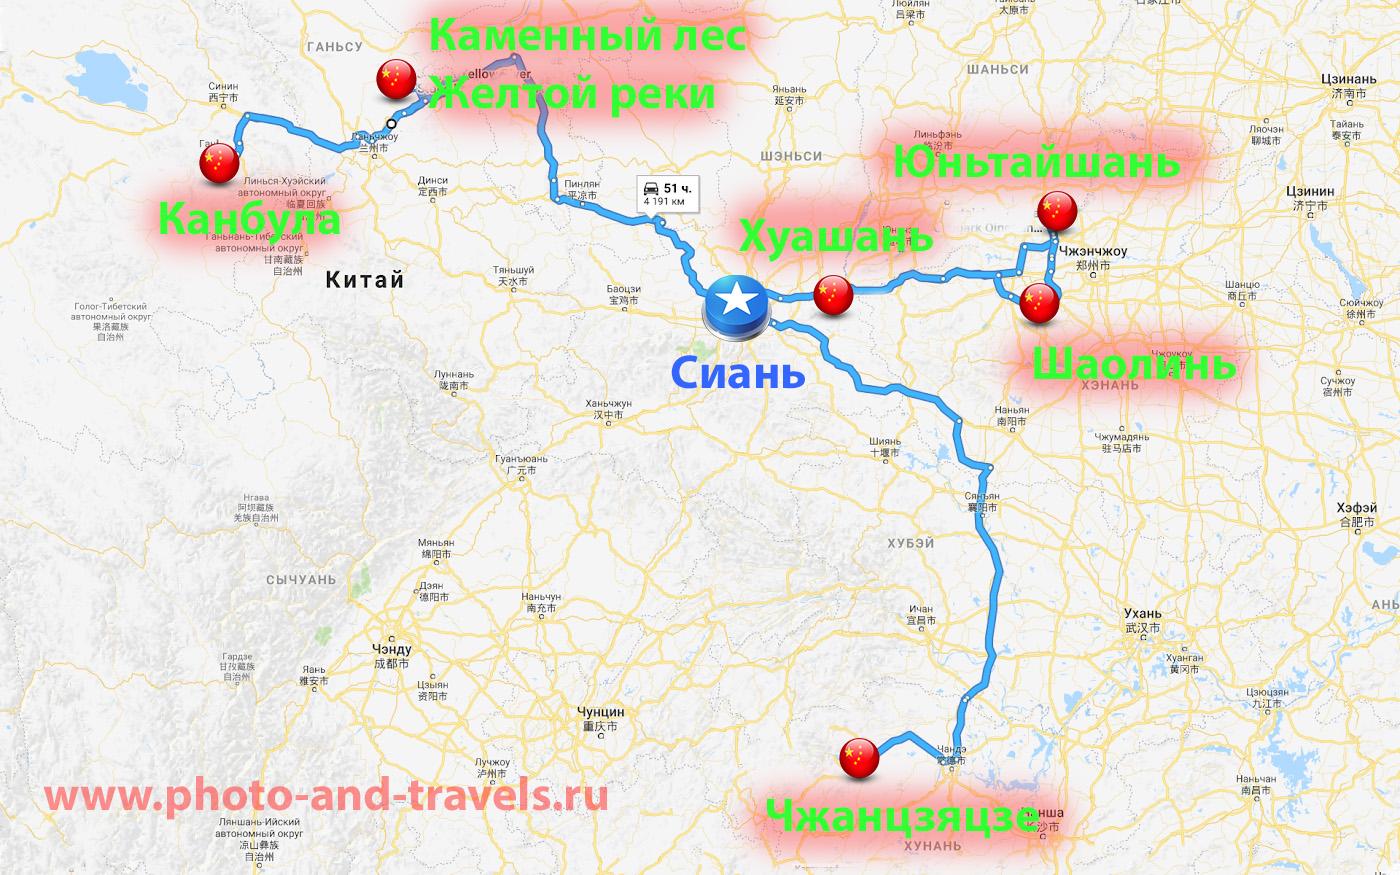 23. Карта расположения достопримечательностей в окрестностях Сианя.